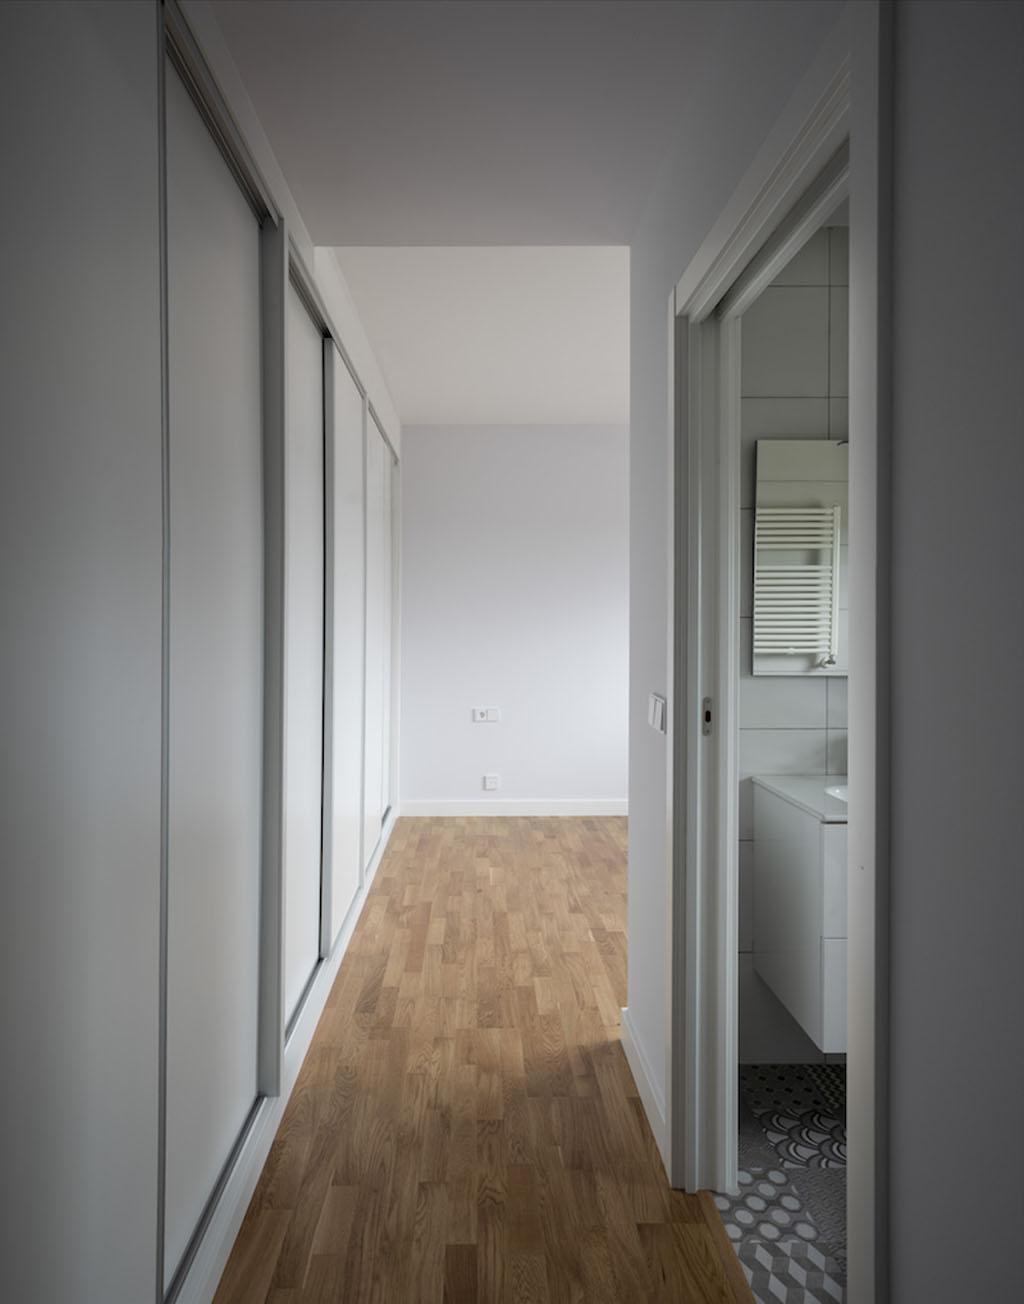 ALGORTA_WEB_006.A.-Erlantz Biderbost fotografo de arquitectura e interiores